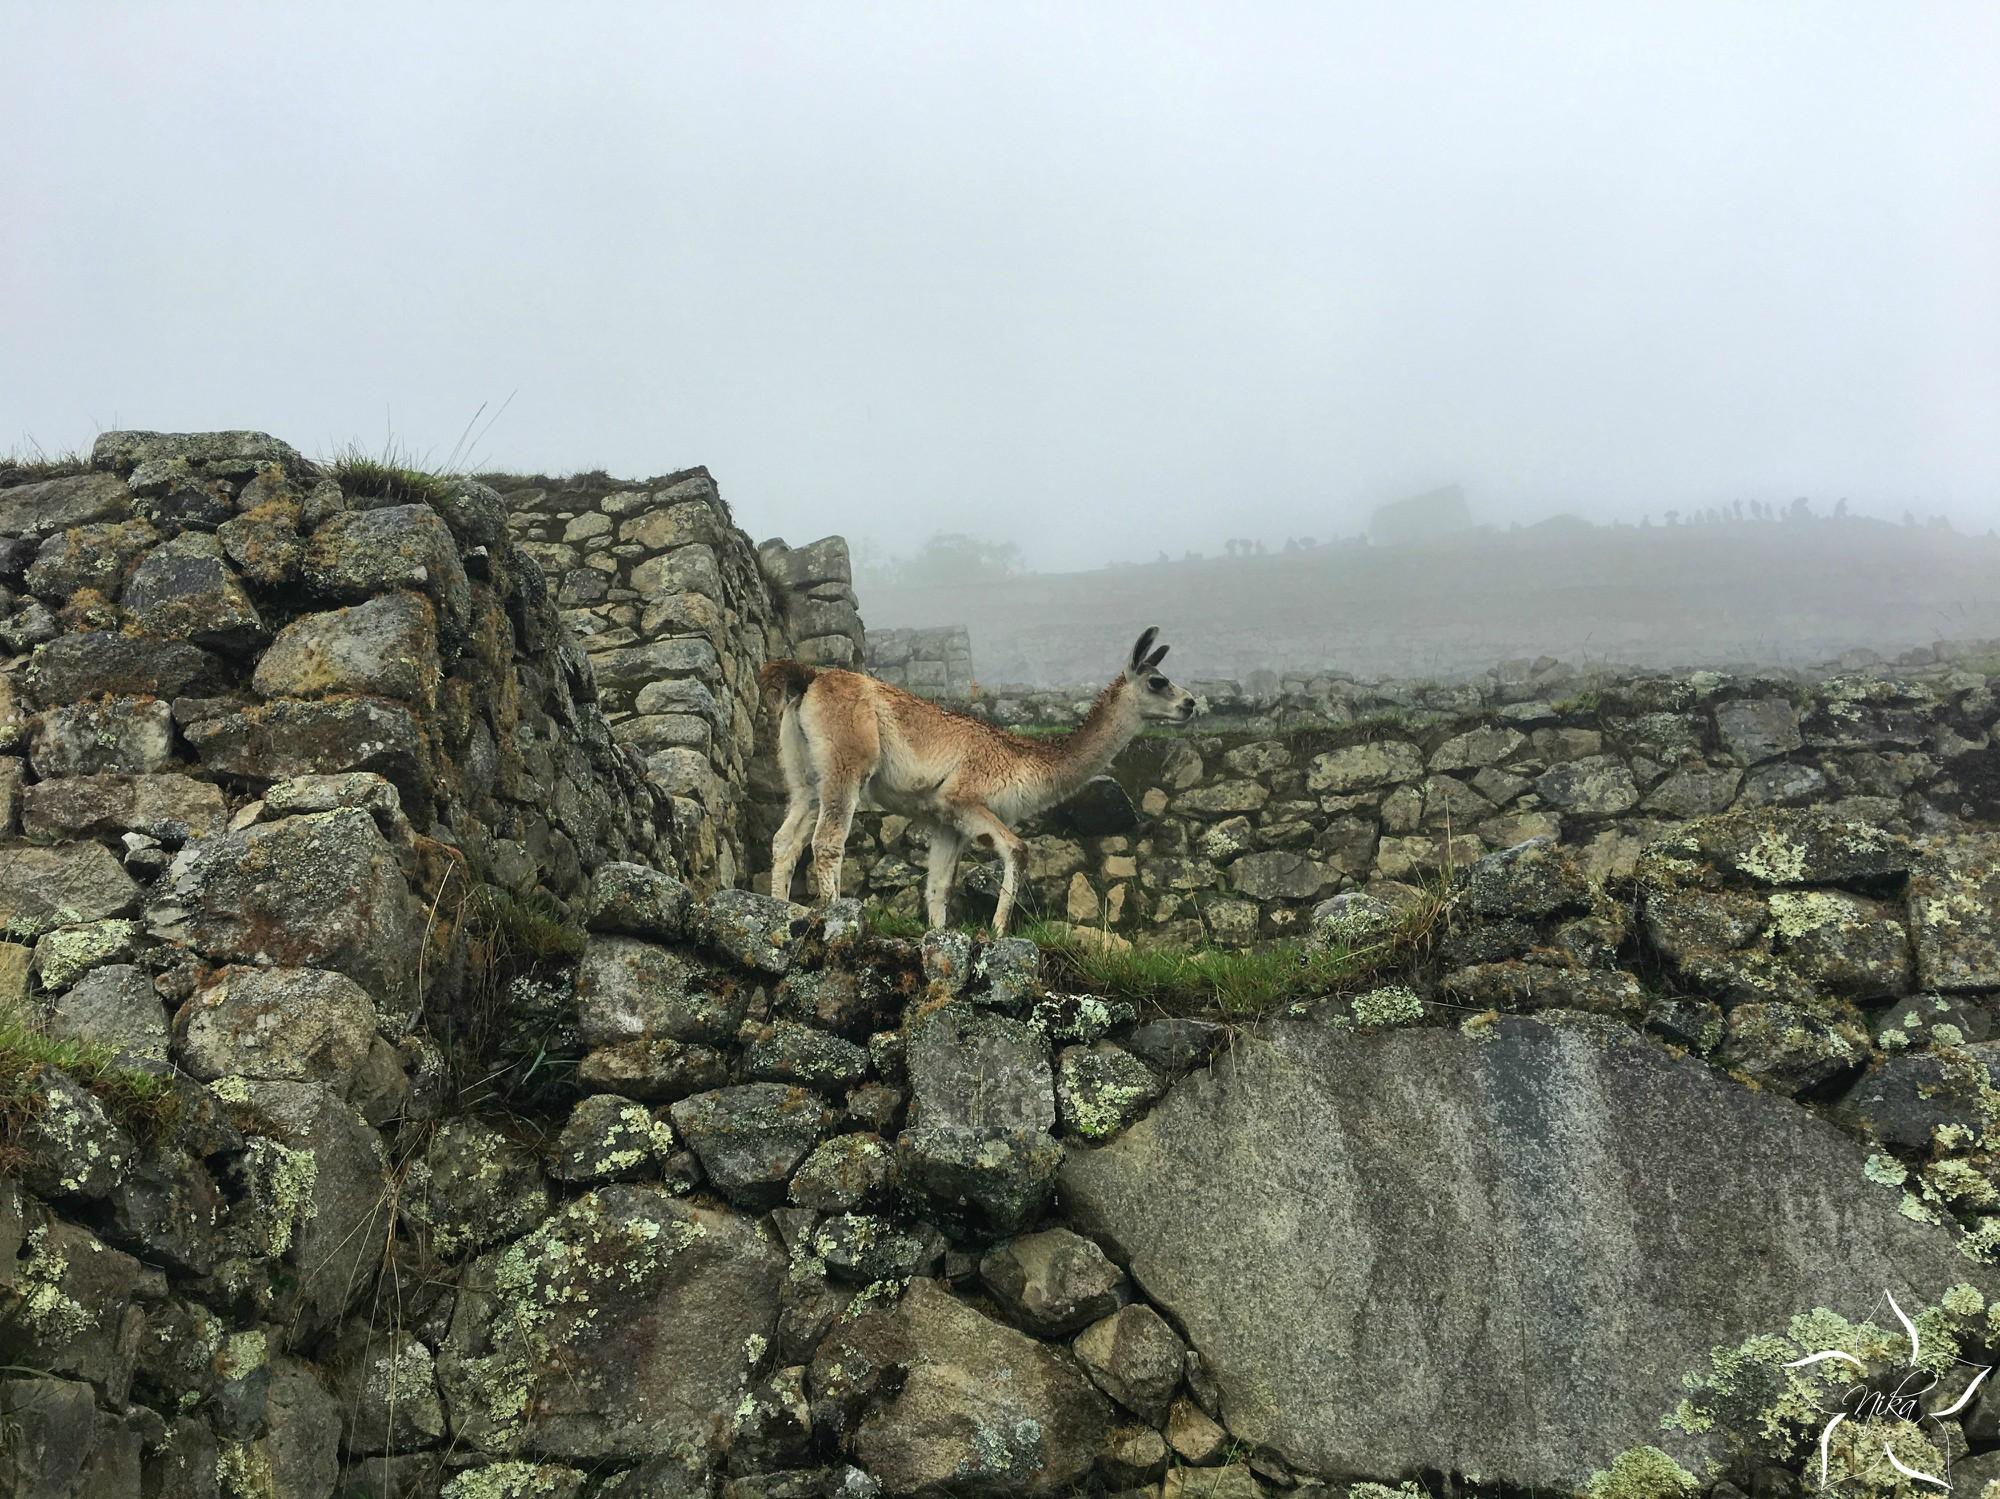 Peru Machu Picchu lama